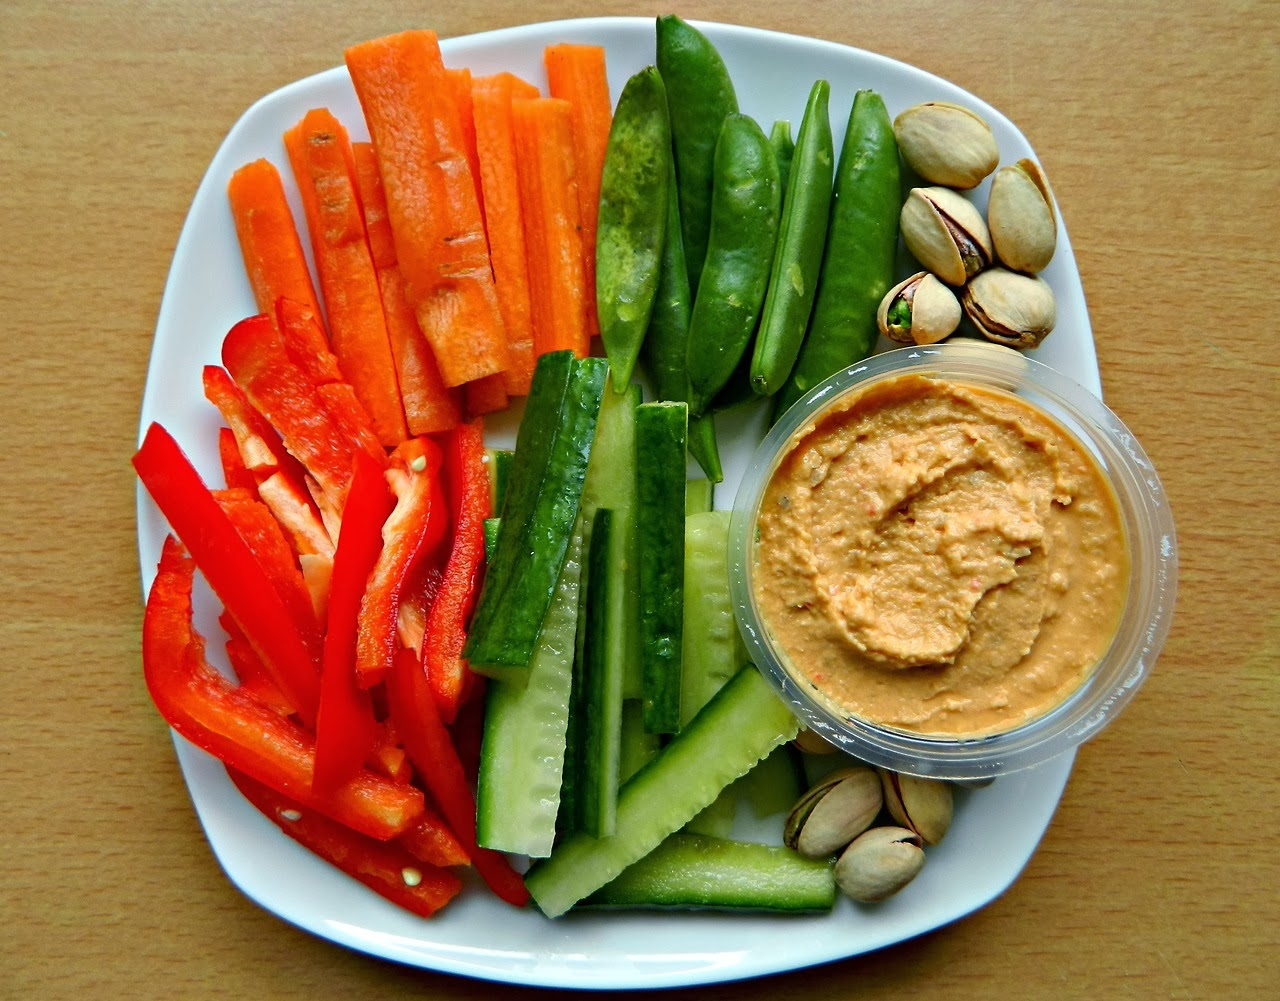 Comidas y dietas comida para bajar de peso rapido for Comidas rapidas y sanas